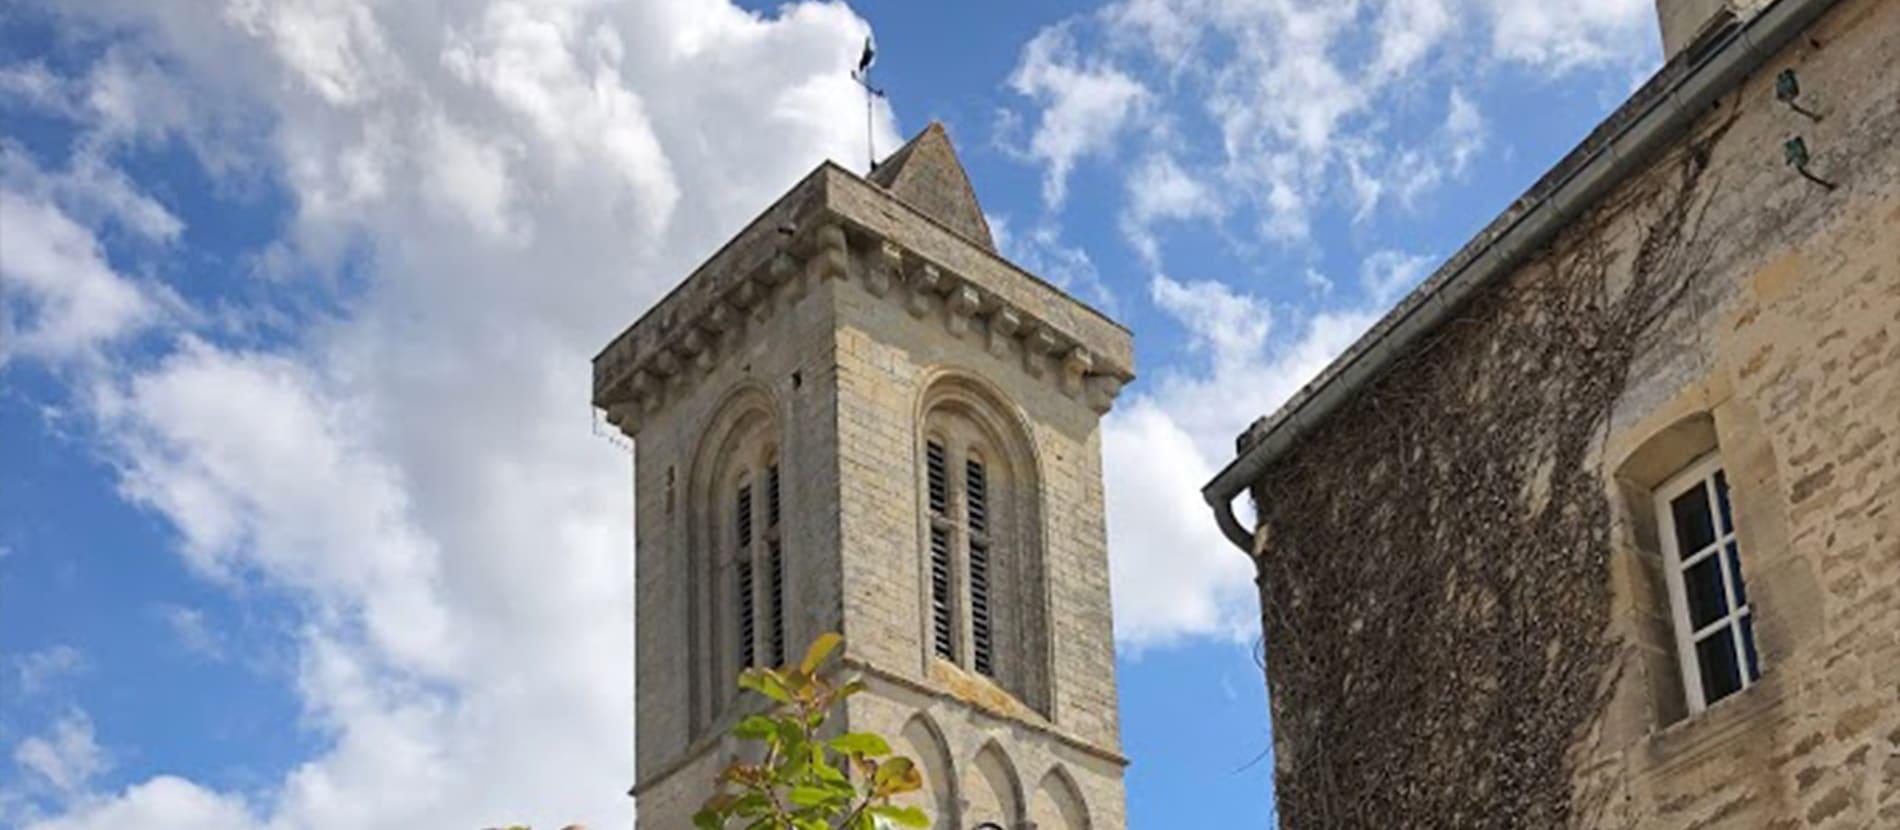 Monument à Reviers dans le Calvados en Normandie